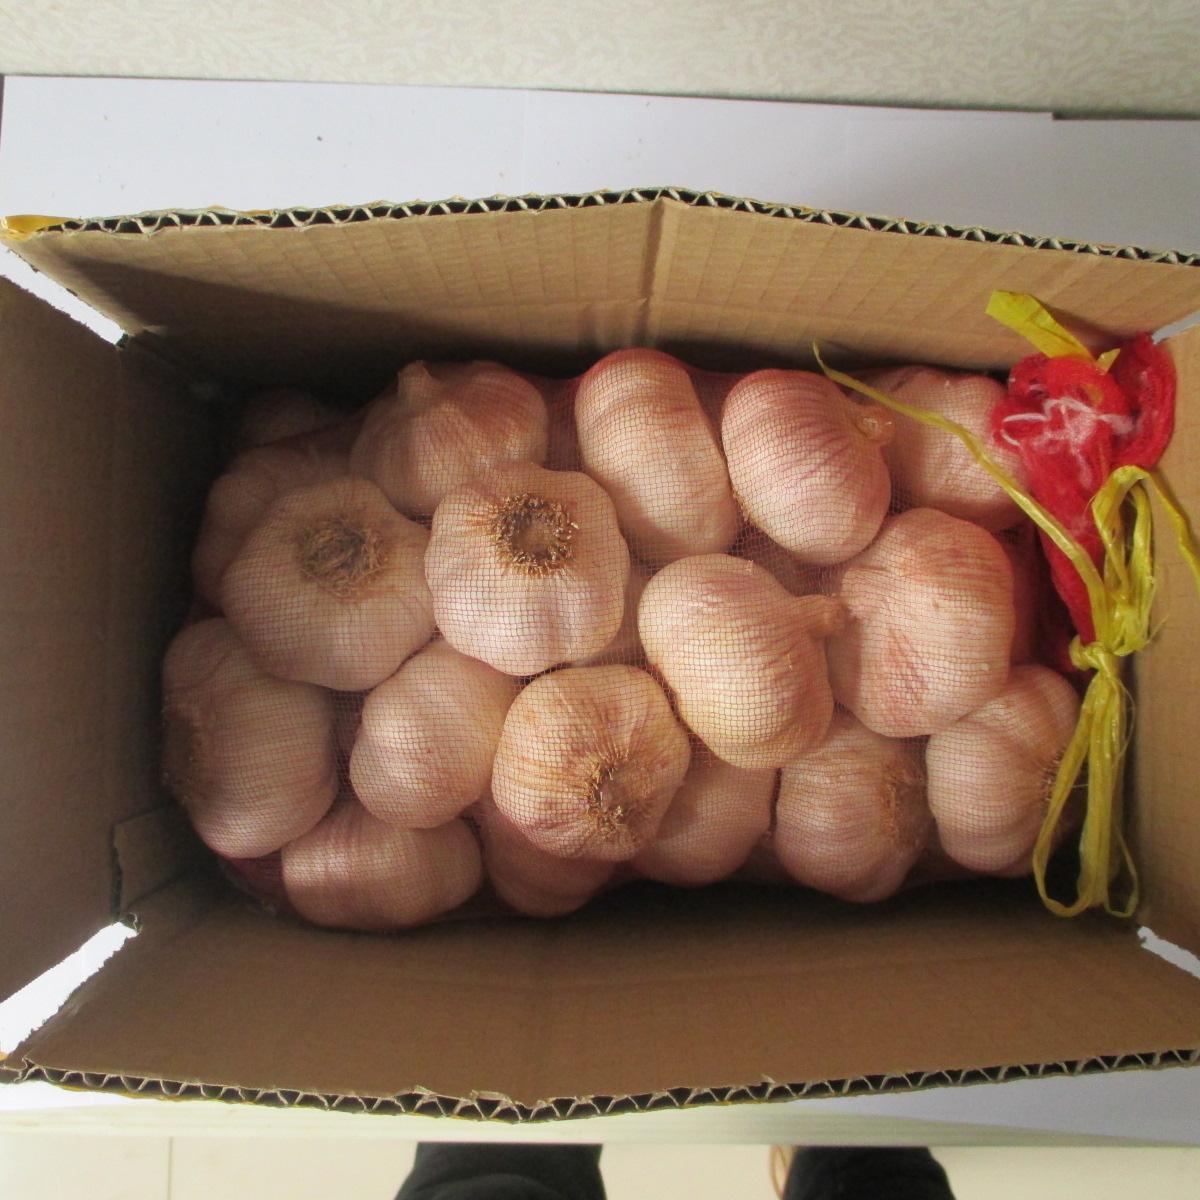 河南农家自种5斤带箱大蒜头2020年紫皮大蒜新鲜干蒜【图2】